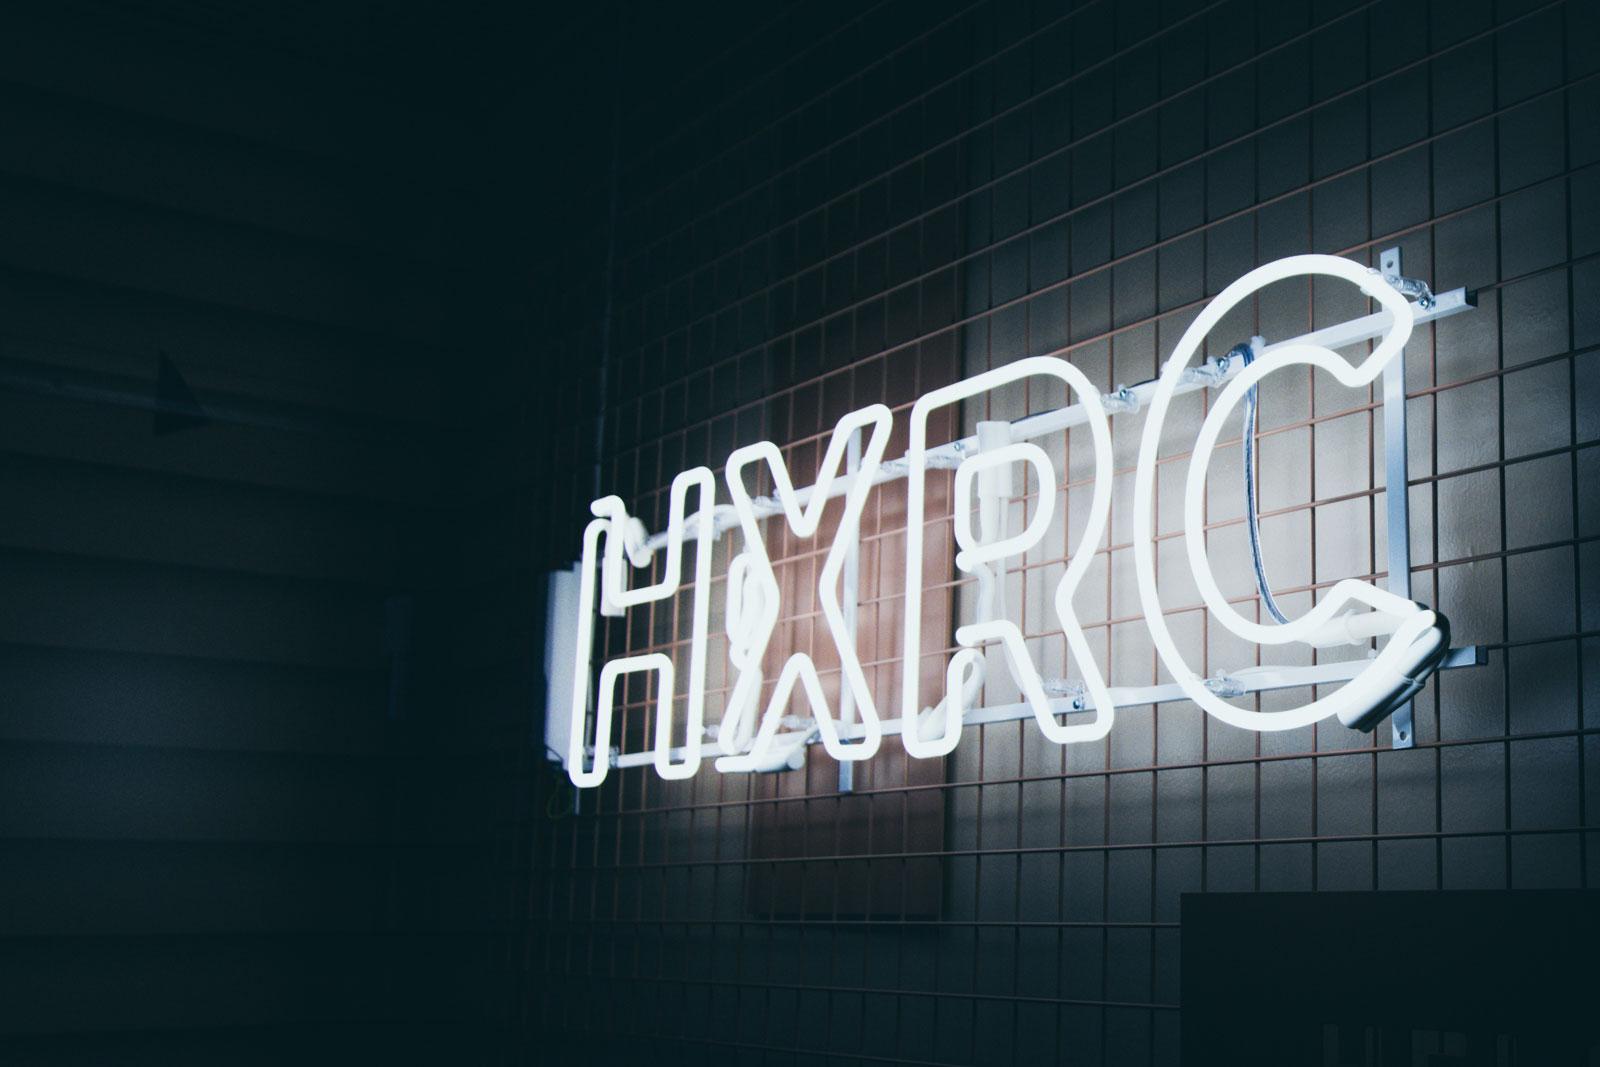 Helsinki XR Center neon sign.